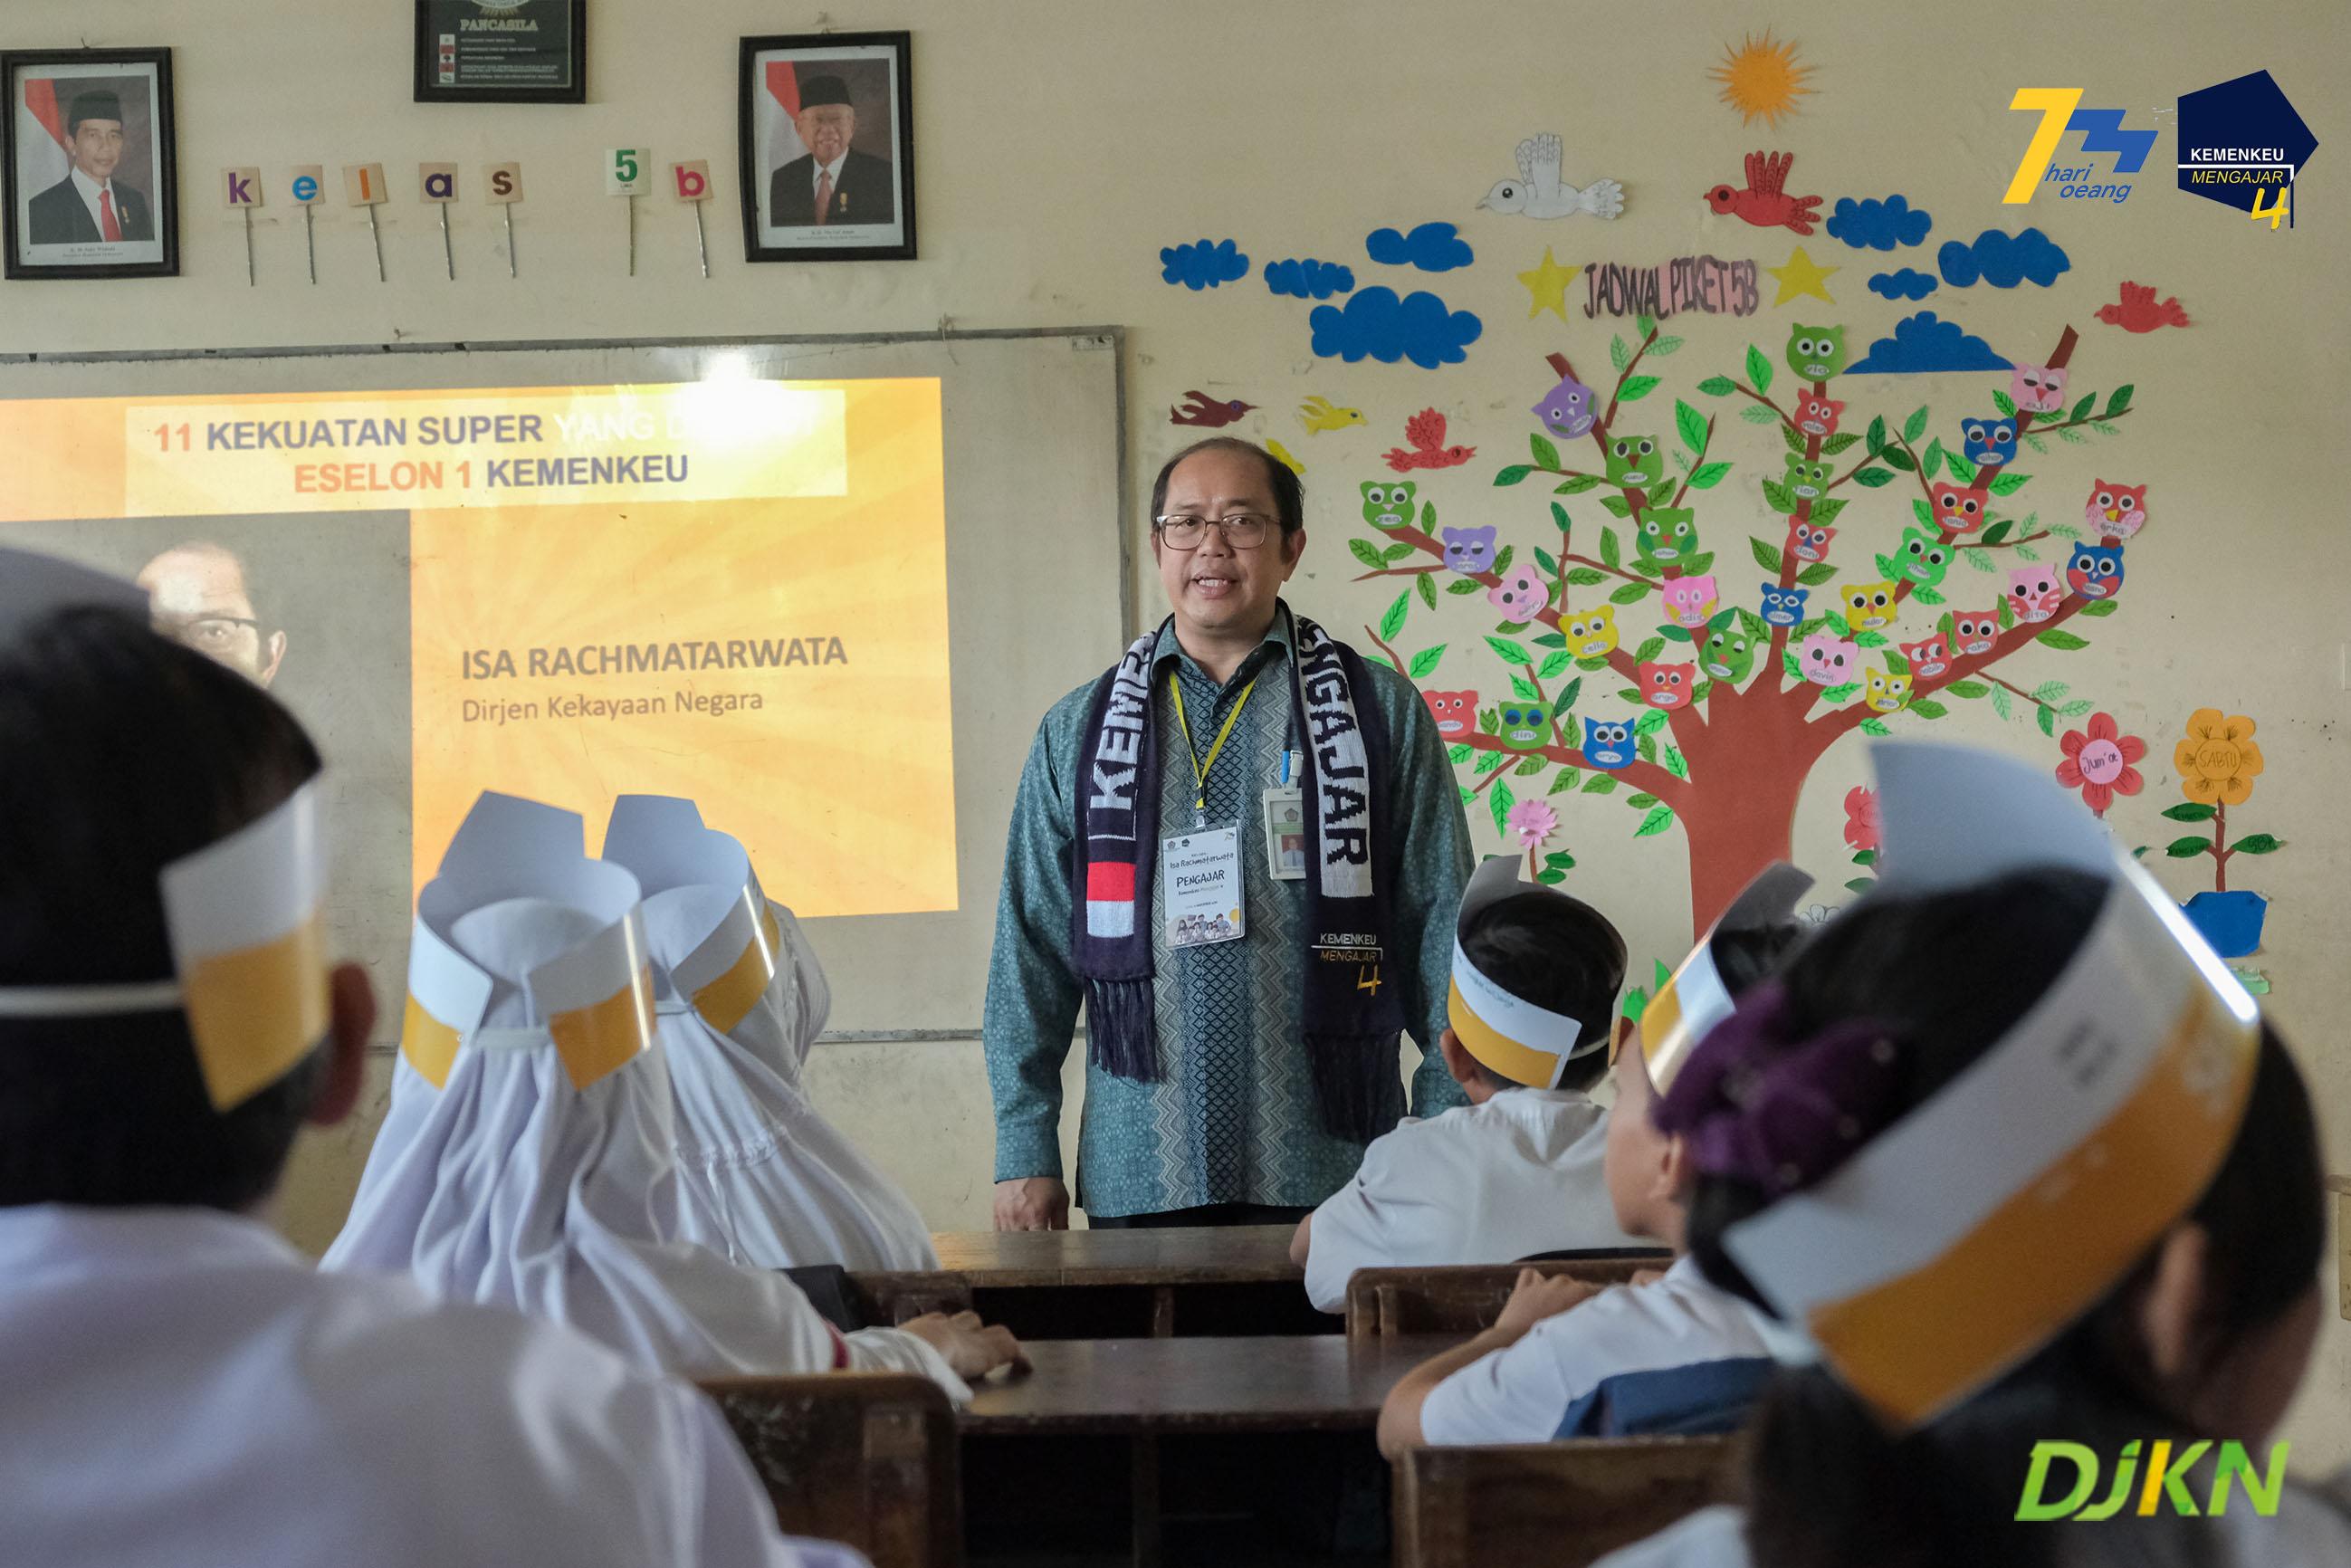 Dirjen Kekayaan Negara Menjadi Guru di SDN Tawangmas 01 Semarang